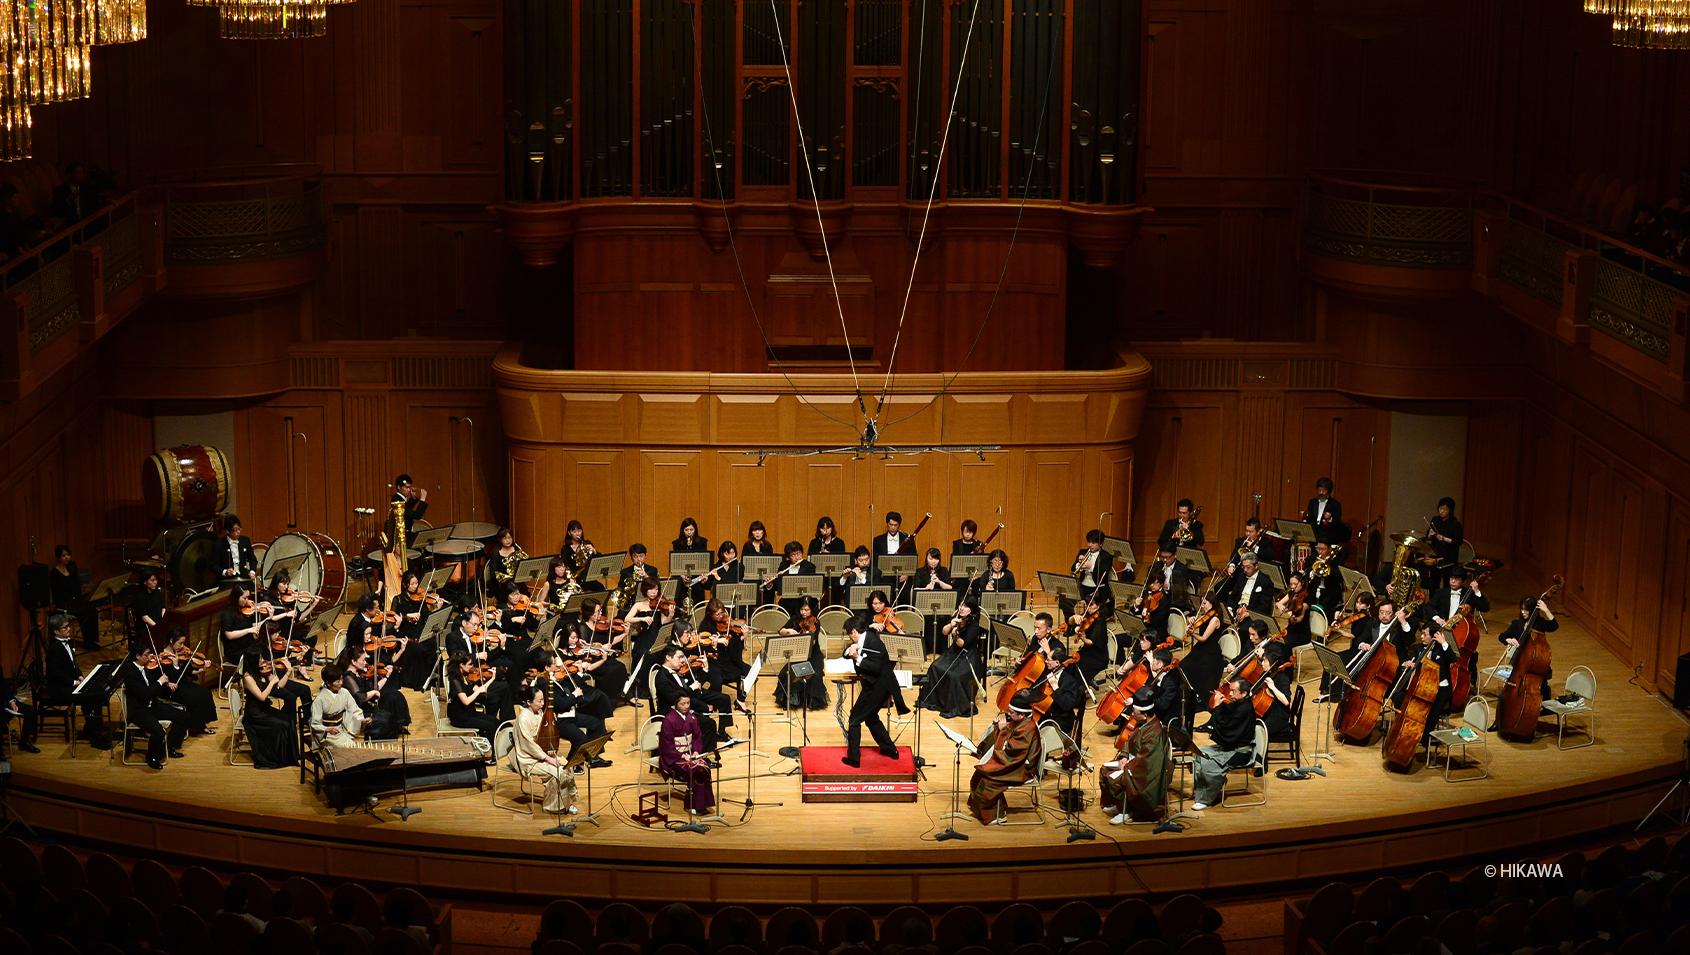 冨田勲・源氏物語幻想交響絵巻<br>Orchestra recording version